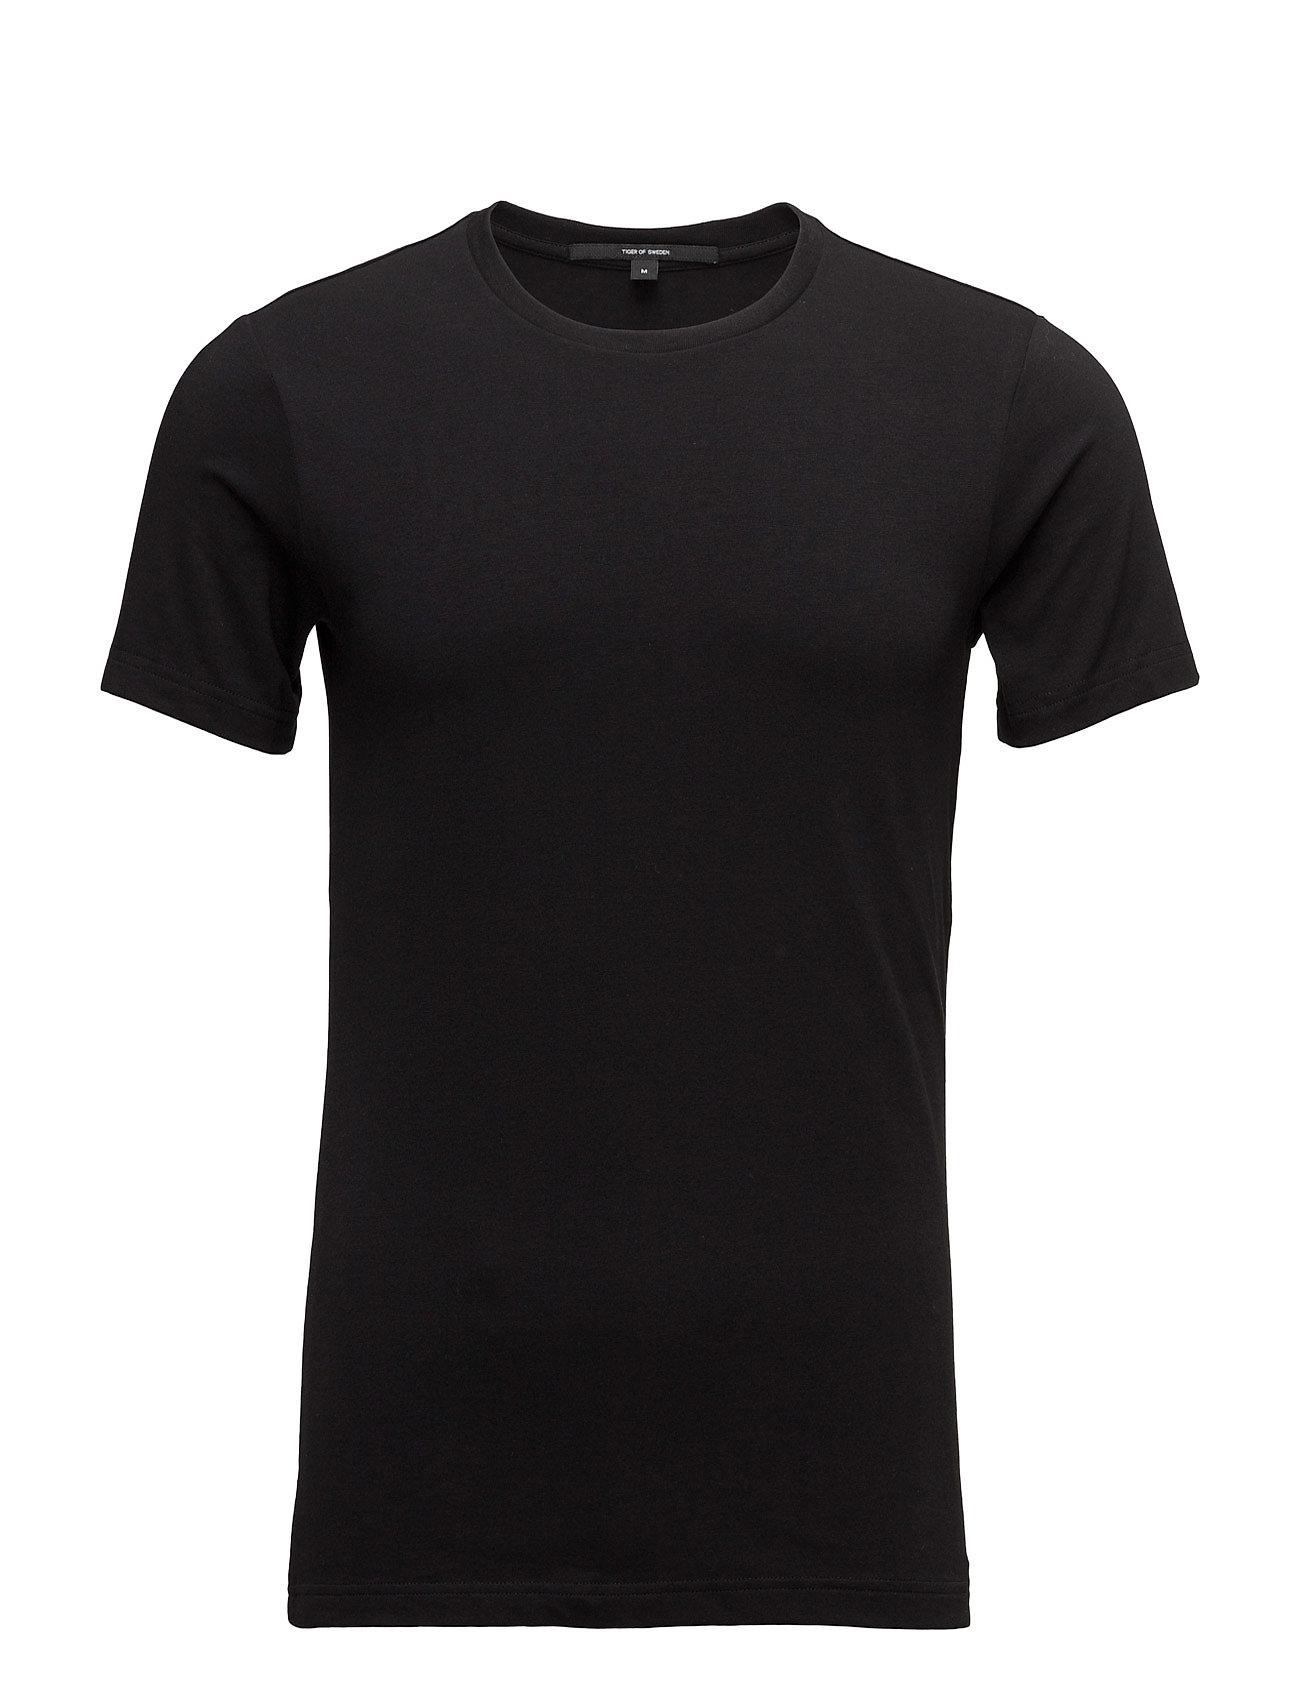 Emerik Tiger of Sweden T-shirts til Herrer i Sort